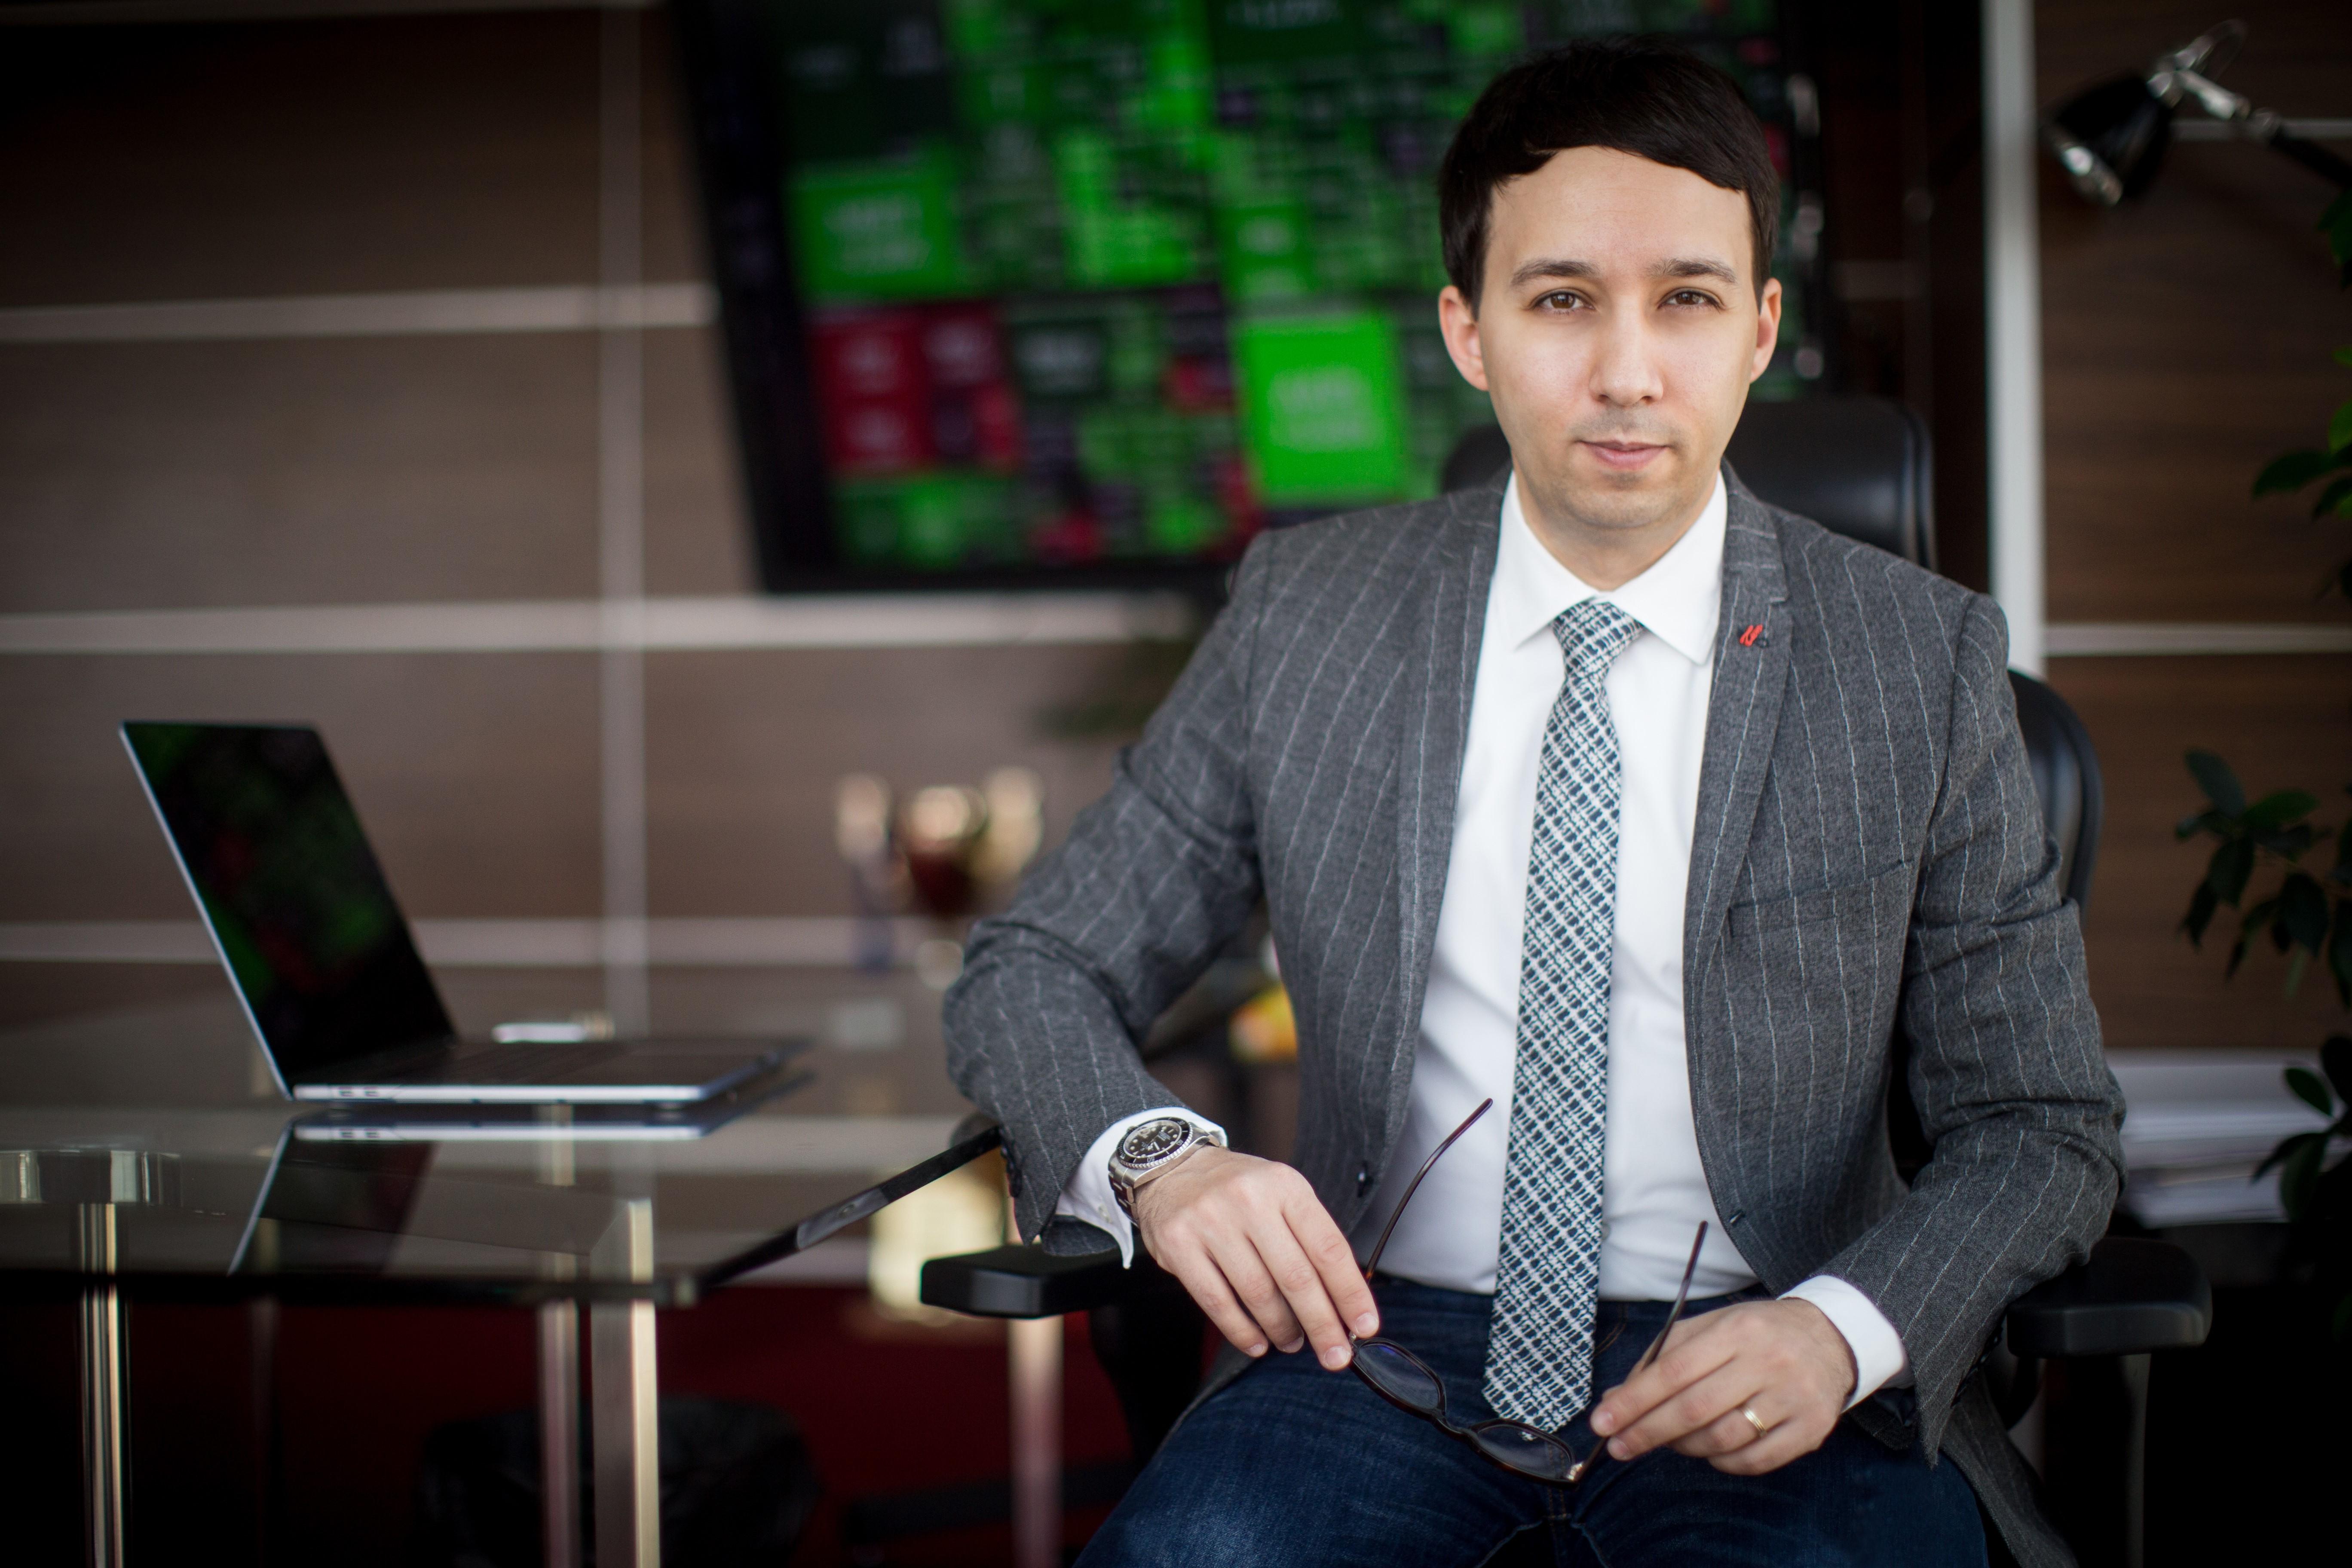 EXCLUSIV! O poveste de milioane de euro! Cum a reușit antreprenorul Octavian Pătrașcu să așeze România pe harta lumii prin business-ul lui special